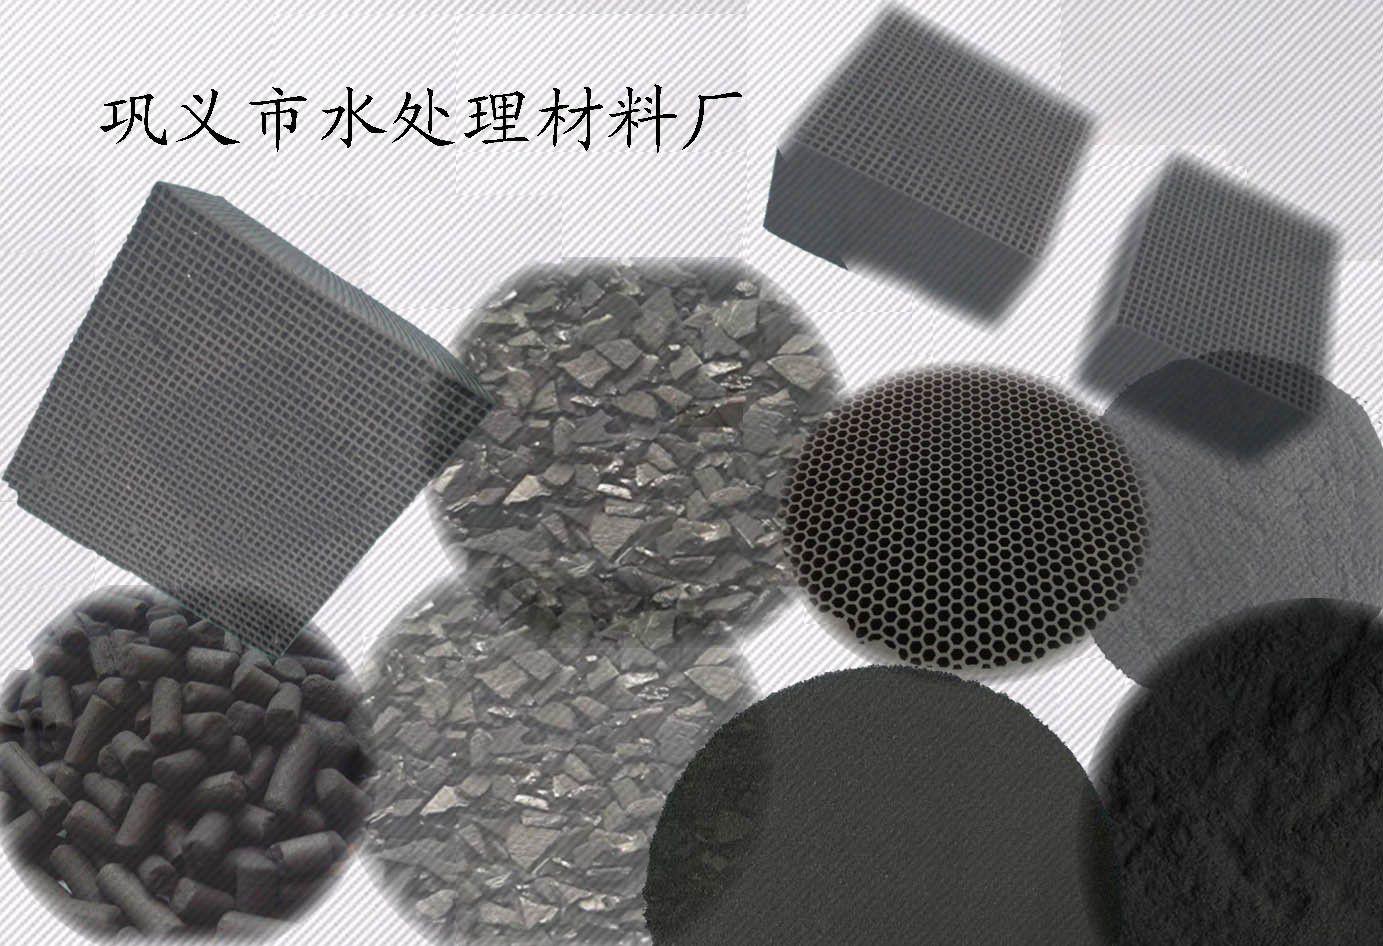 安陆市活性炭的公司诚信为本